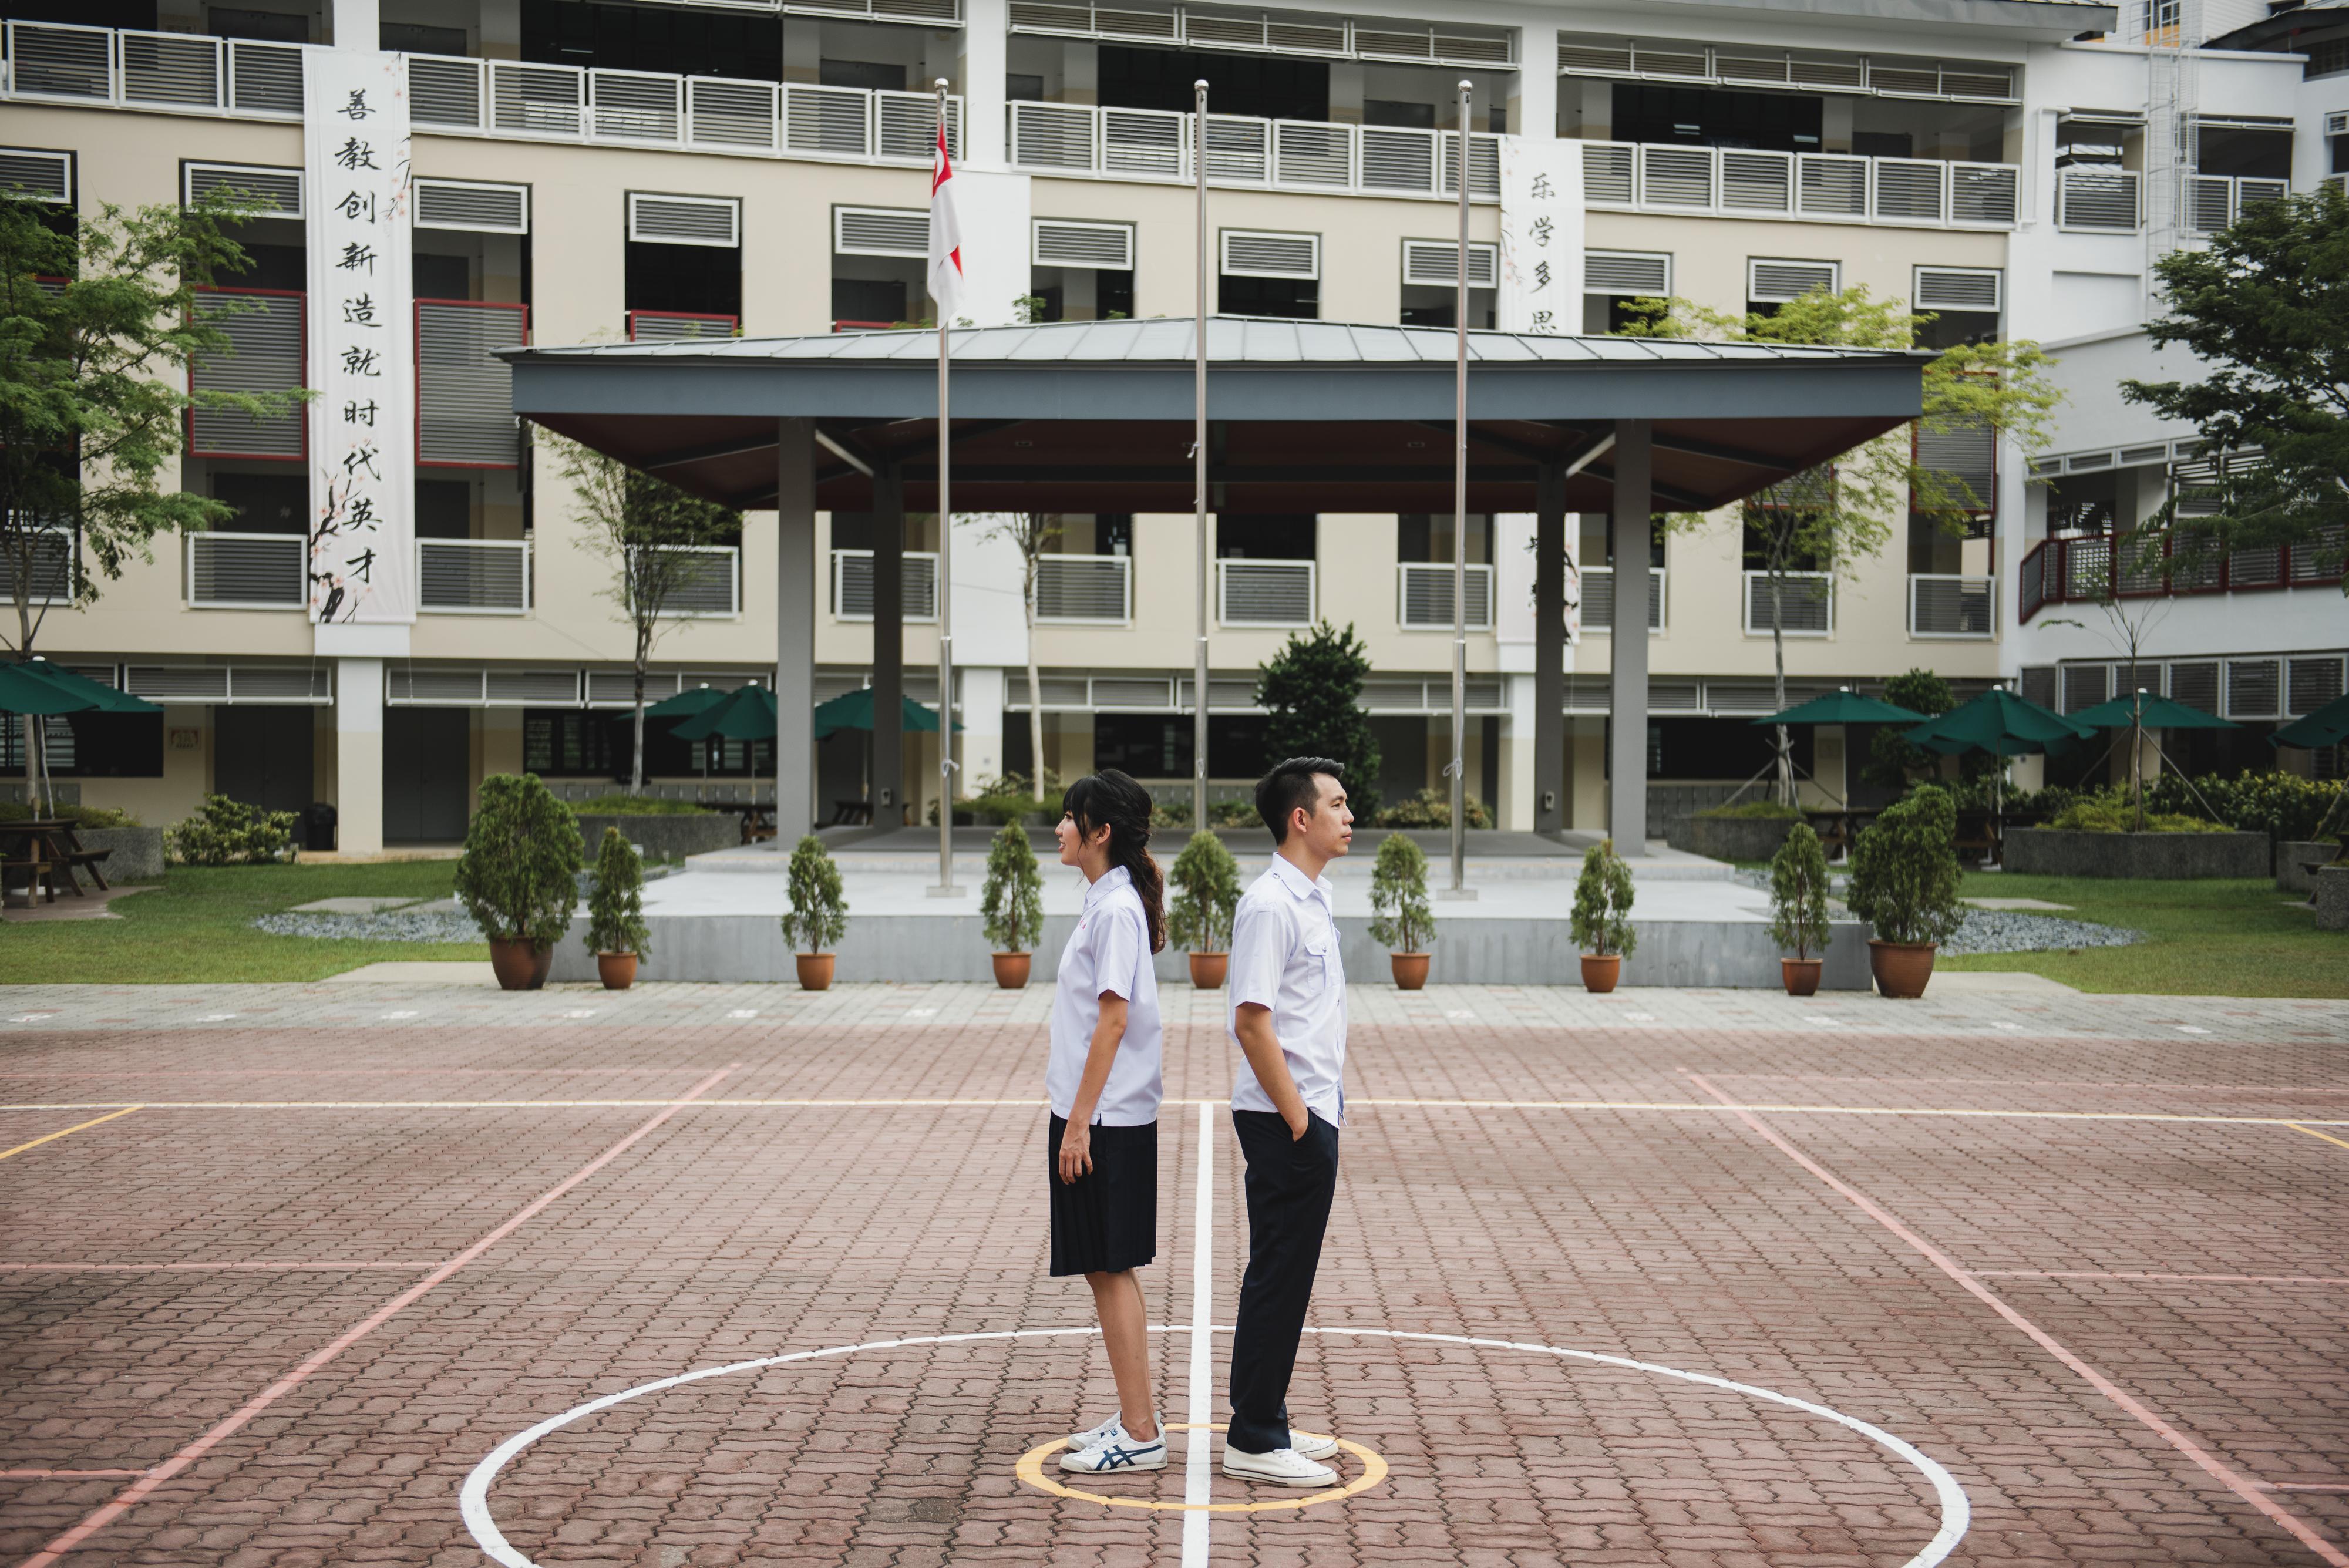 Zhi Sheng & Alina - PW-83